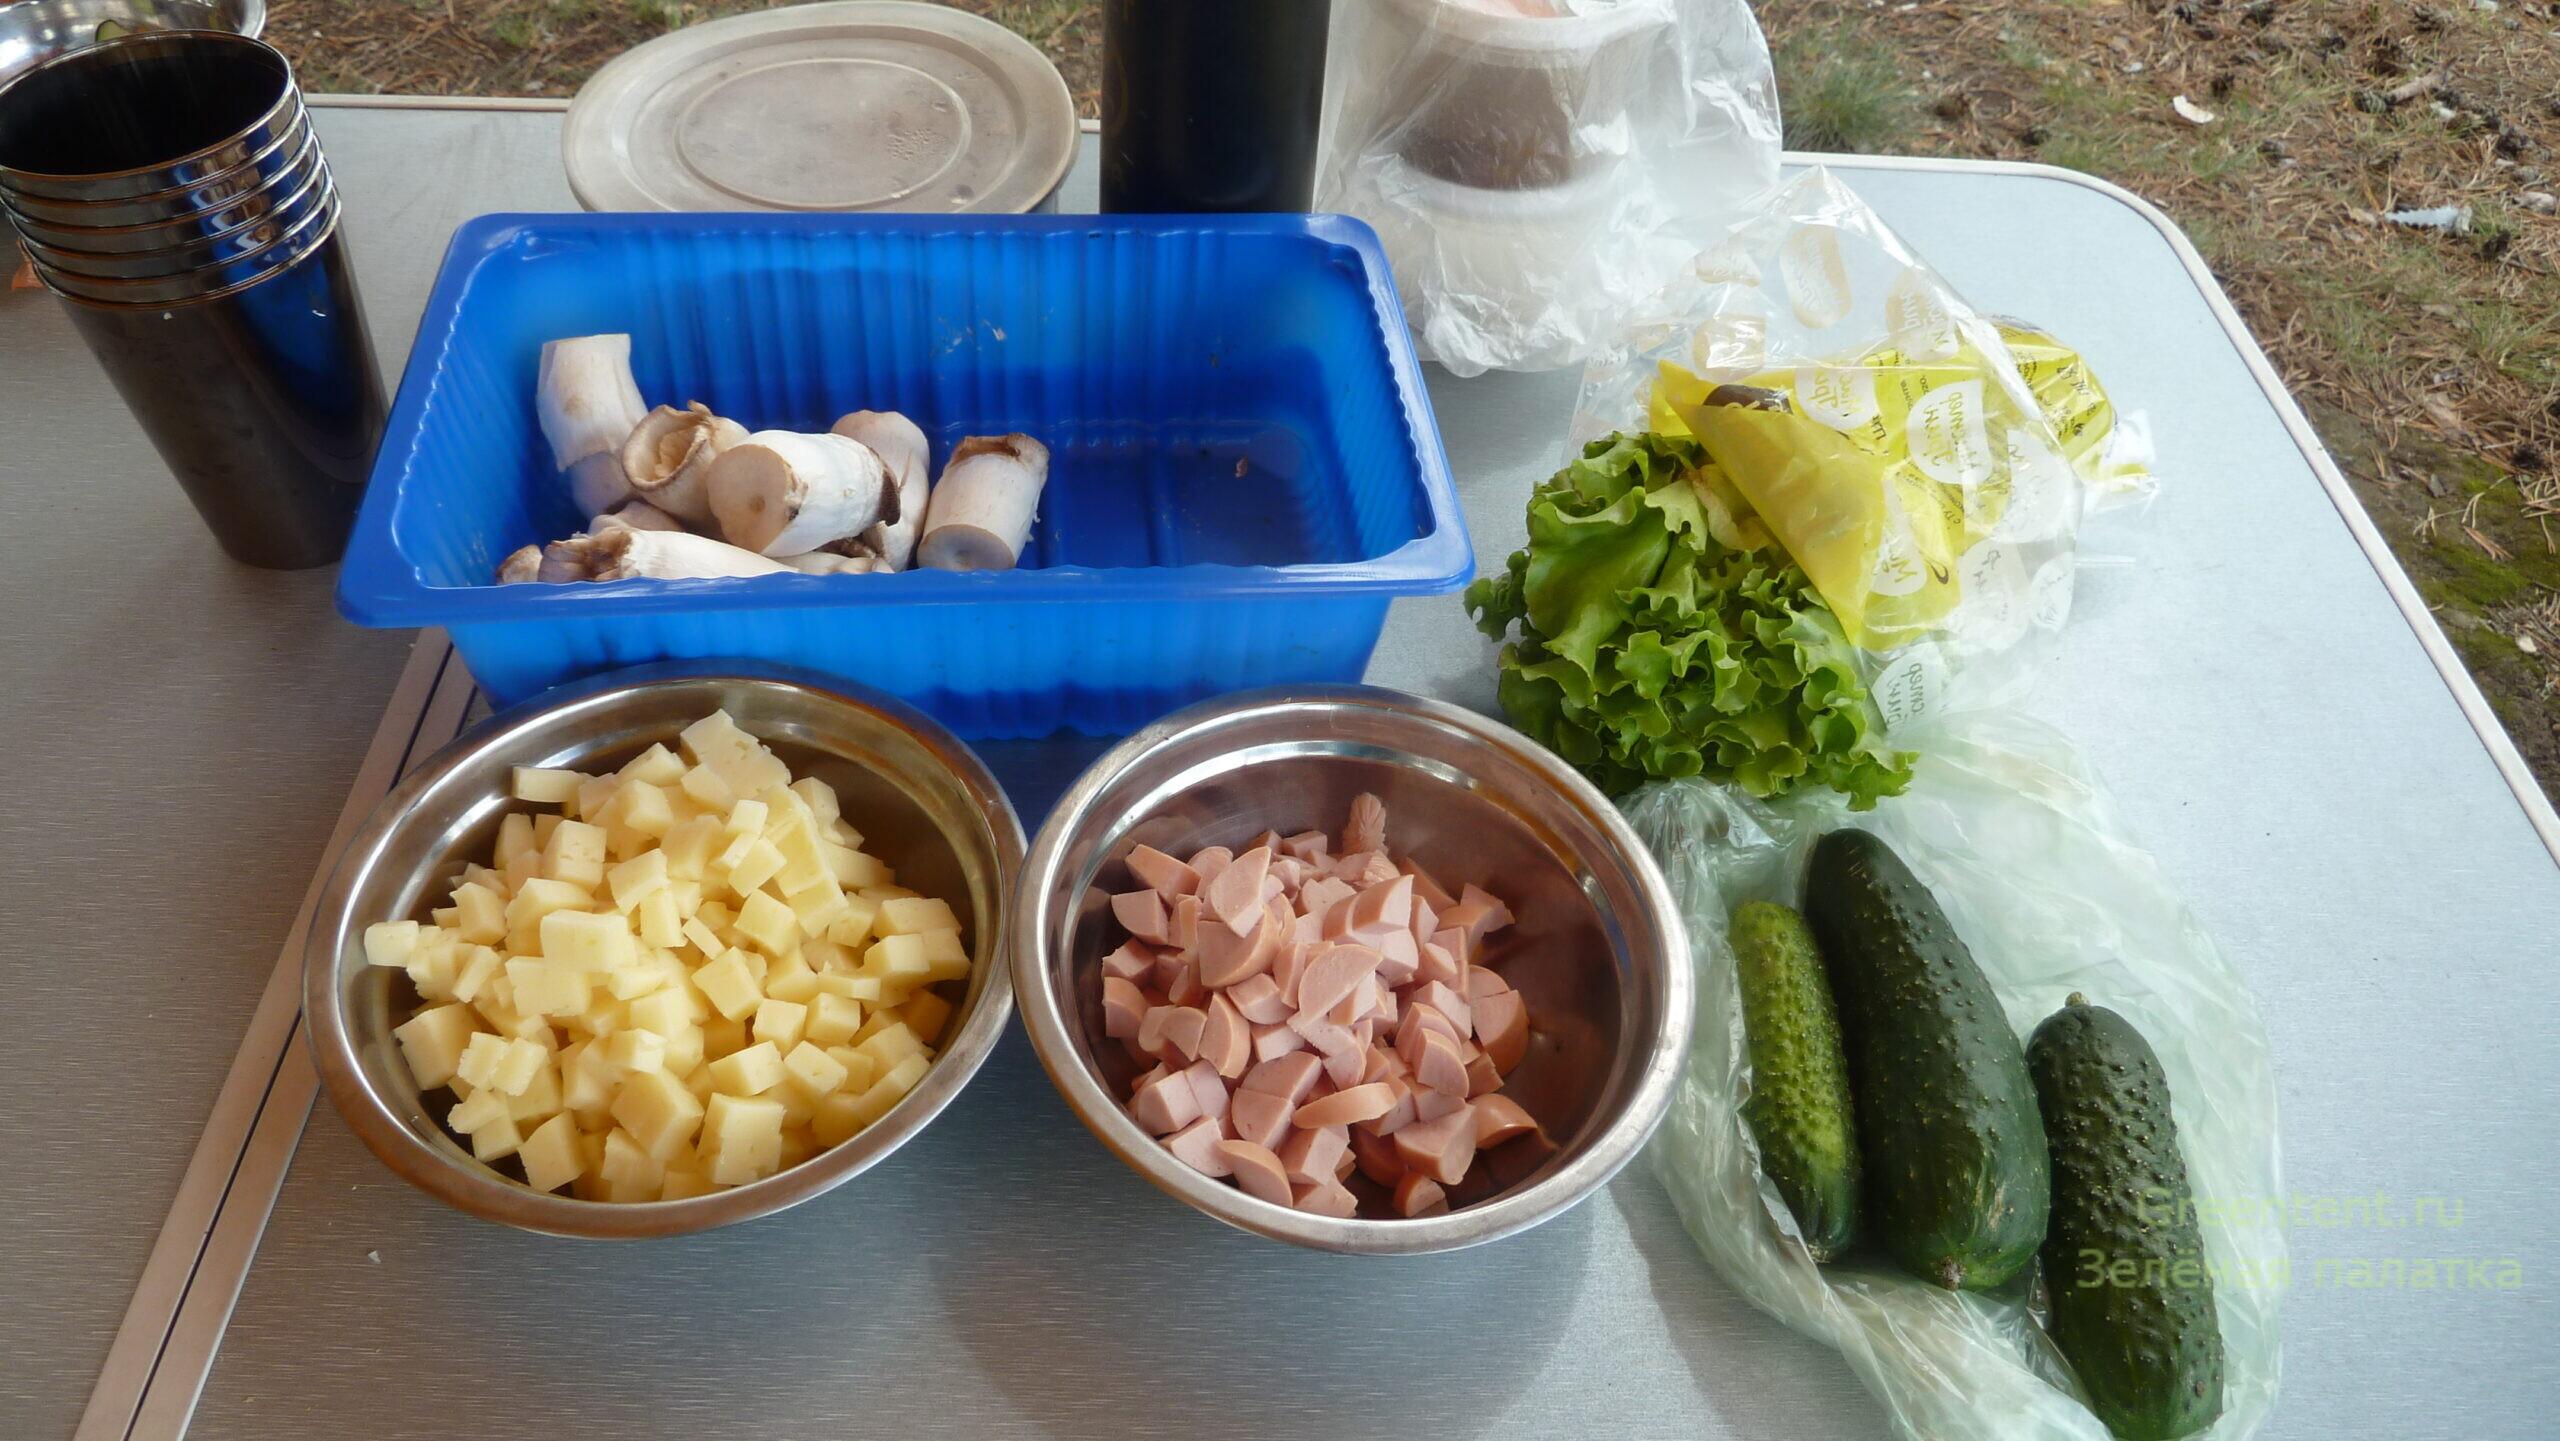 рецепт дикие шампиньоны на костре лес природа отдых туризм еда